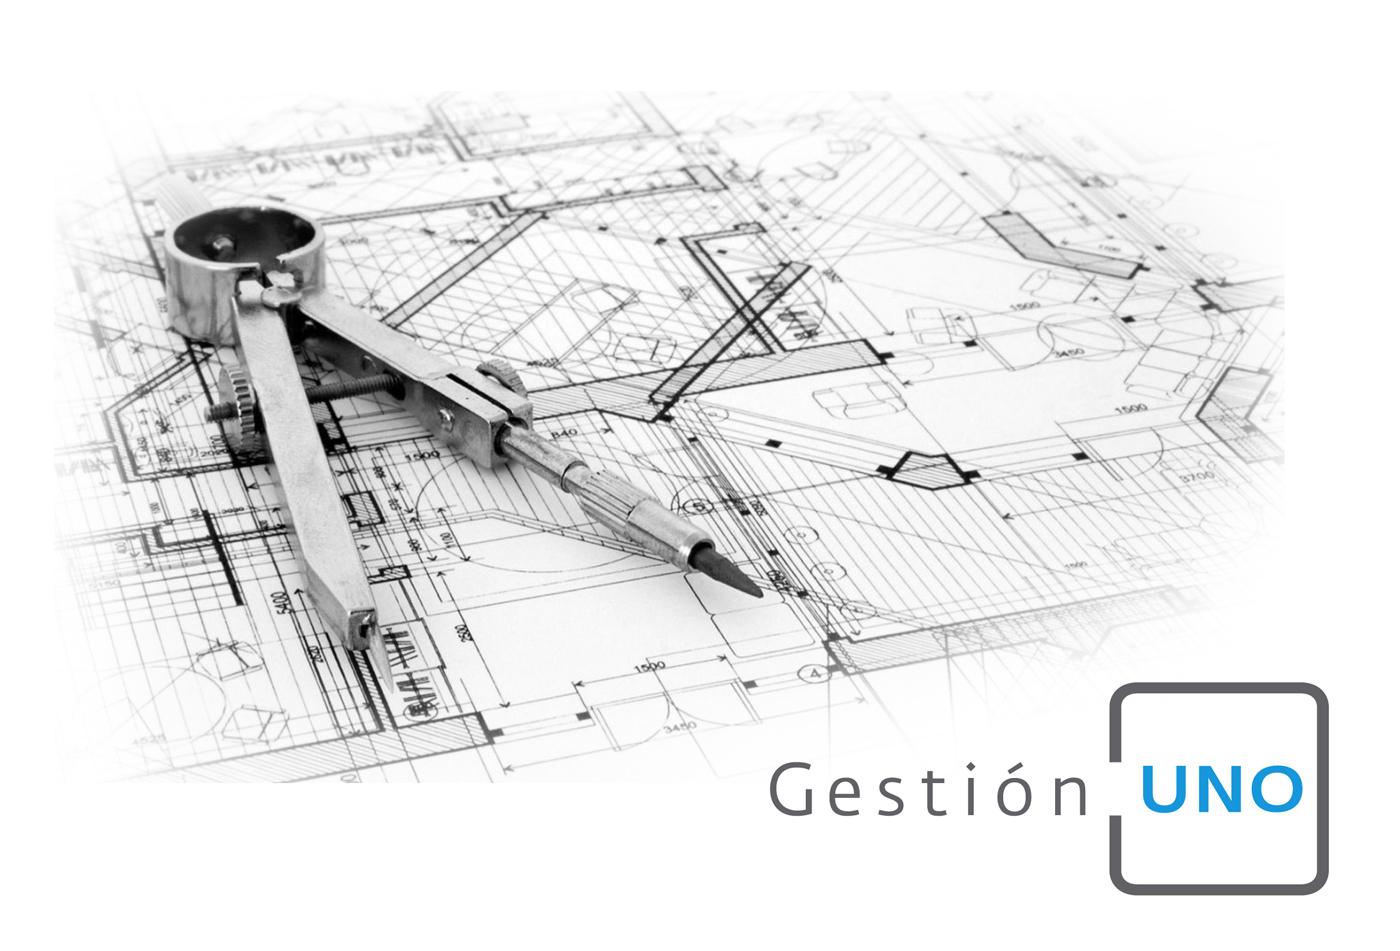 Gestion Uno